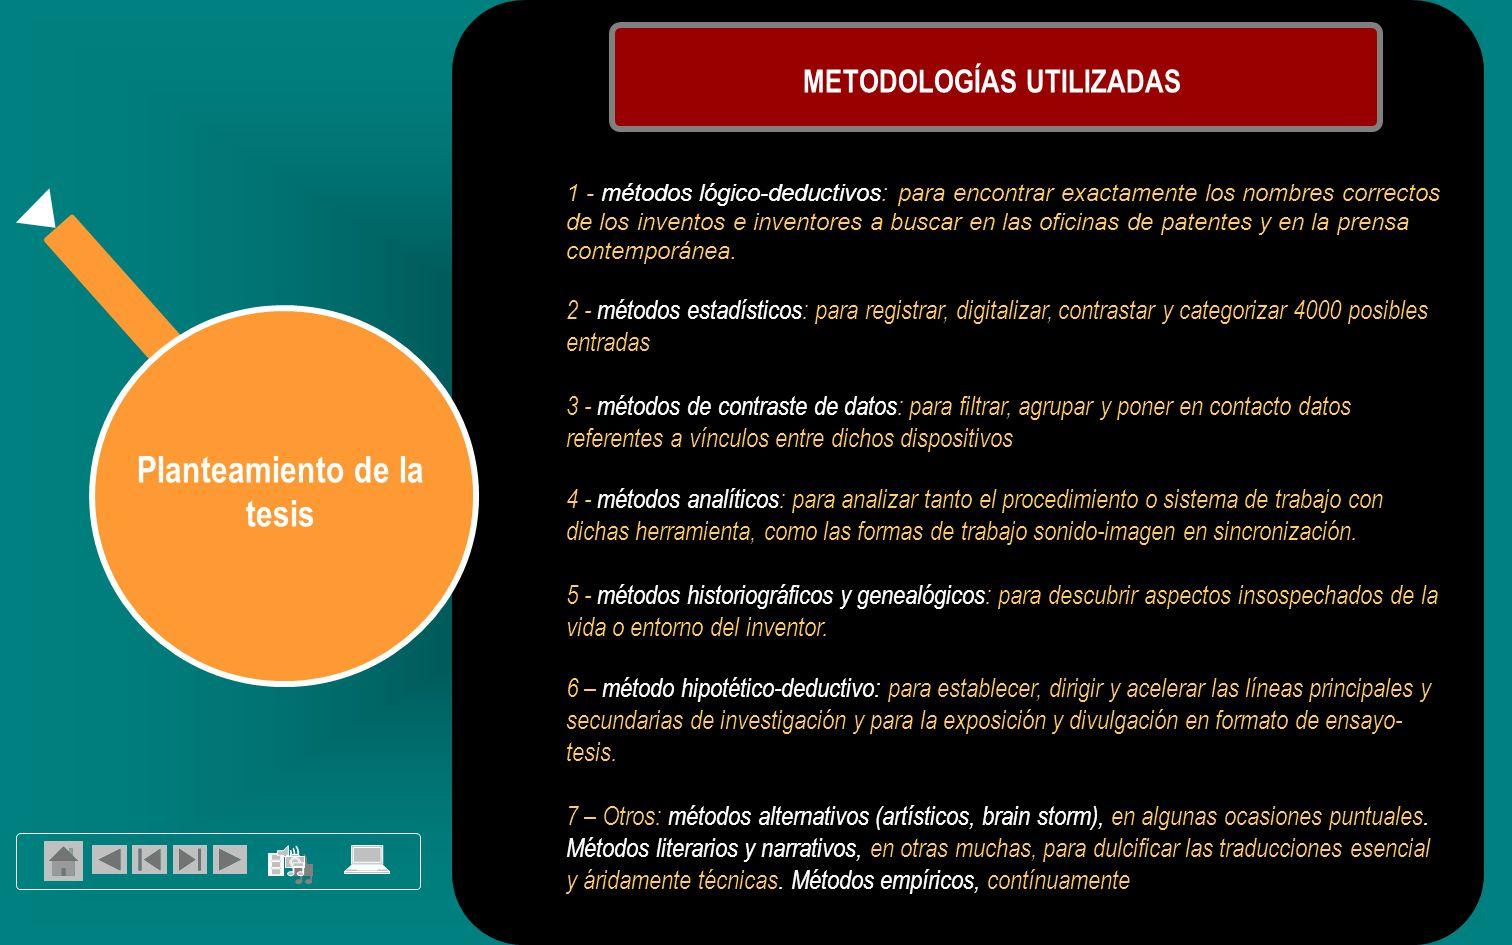 Planteamiento de la tesis METODOLOGÍAS UTILIZADAS 1 - métodos lógico-deductivos: para encontrar exactamente los nombres correctos de los inventos e inventores a buscar en las oficinas de patentes y en la prensa contemporánea.